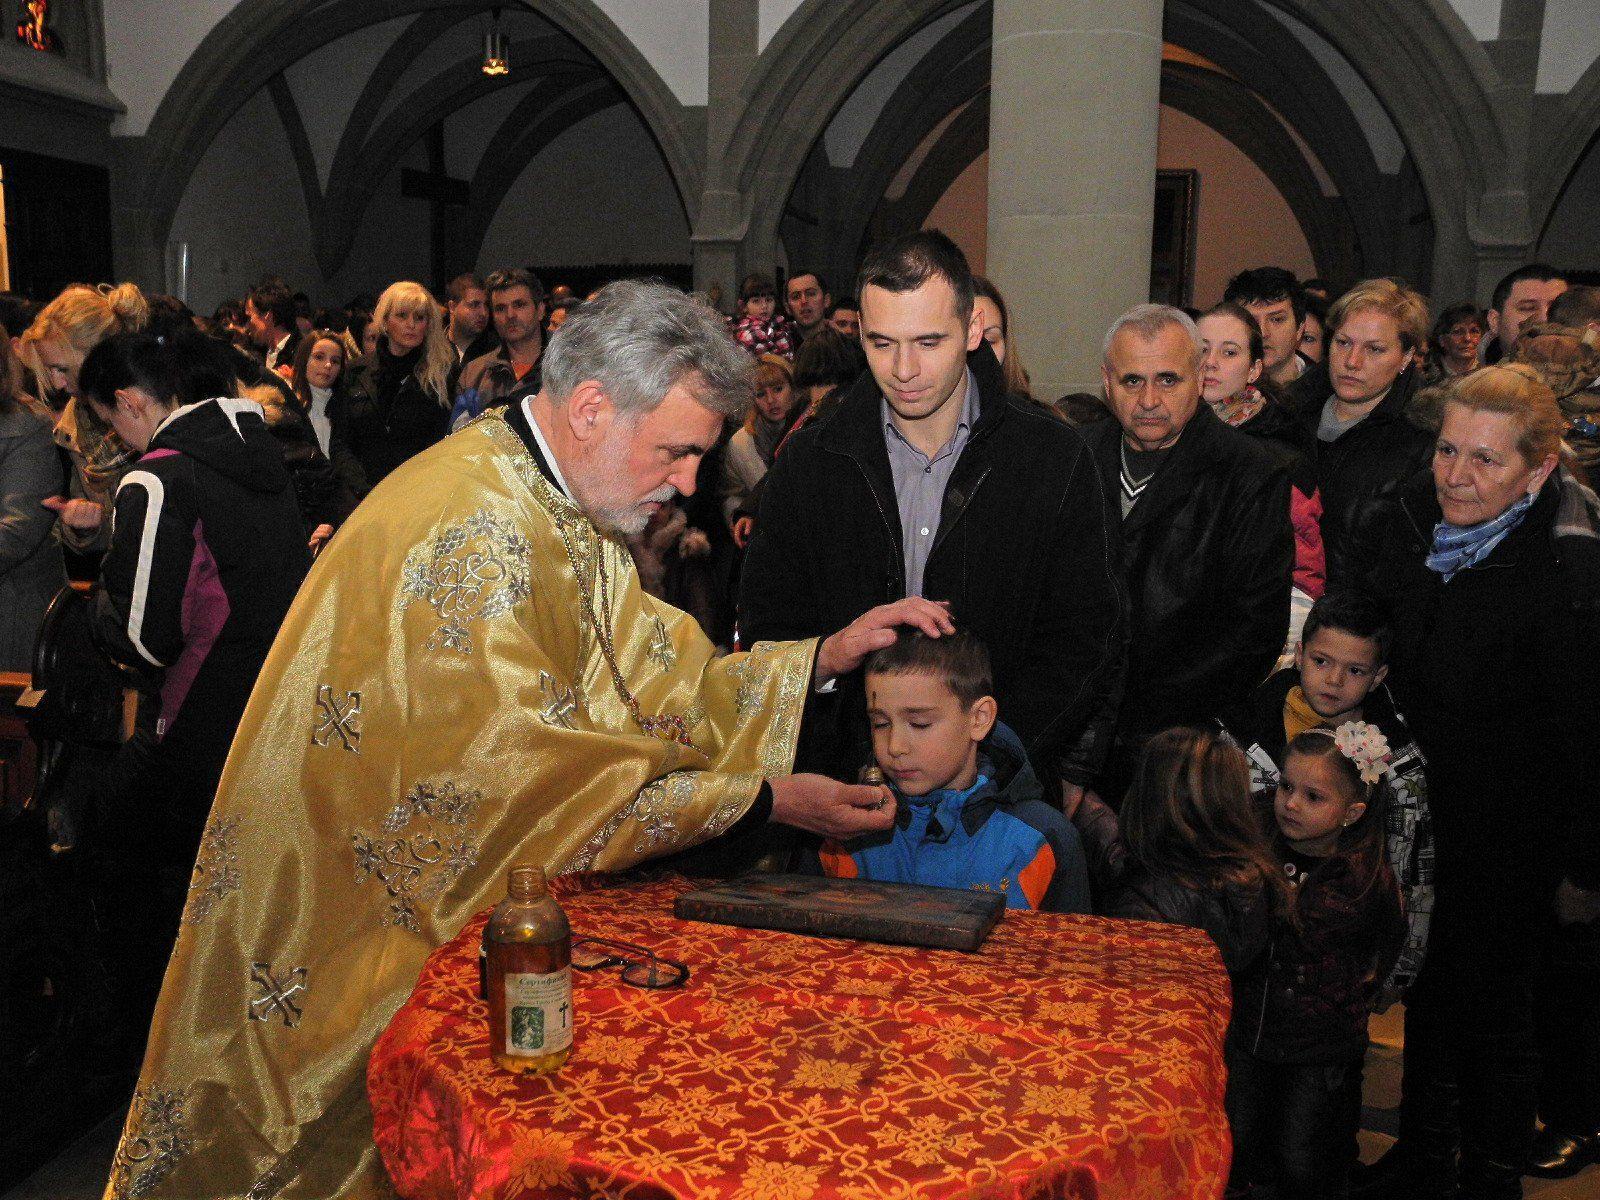 Erzpriester Mile Mijic zeichnete mit Öl ein Kreuz auf die Stirn aller Kirchenbesucher